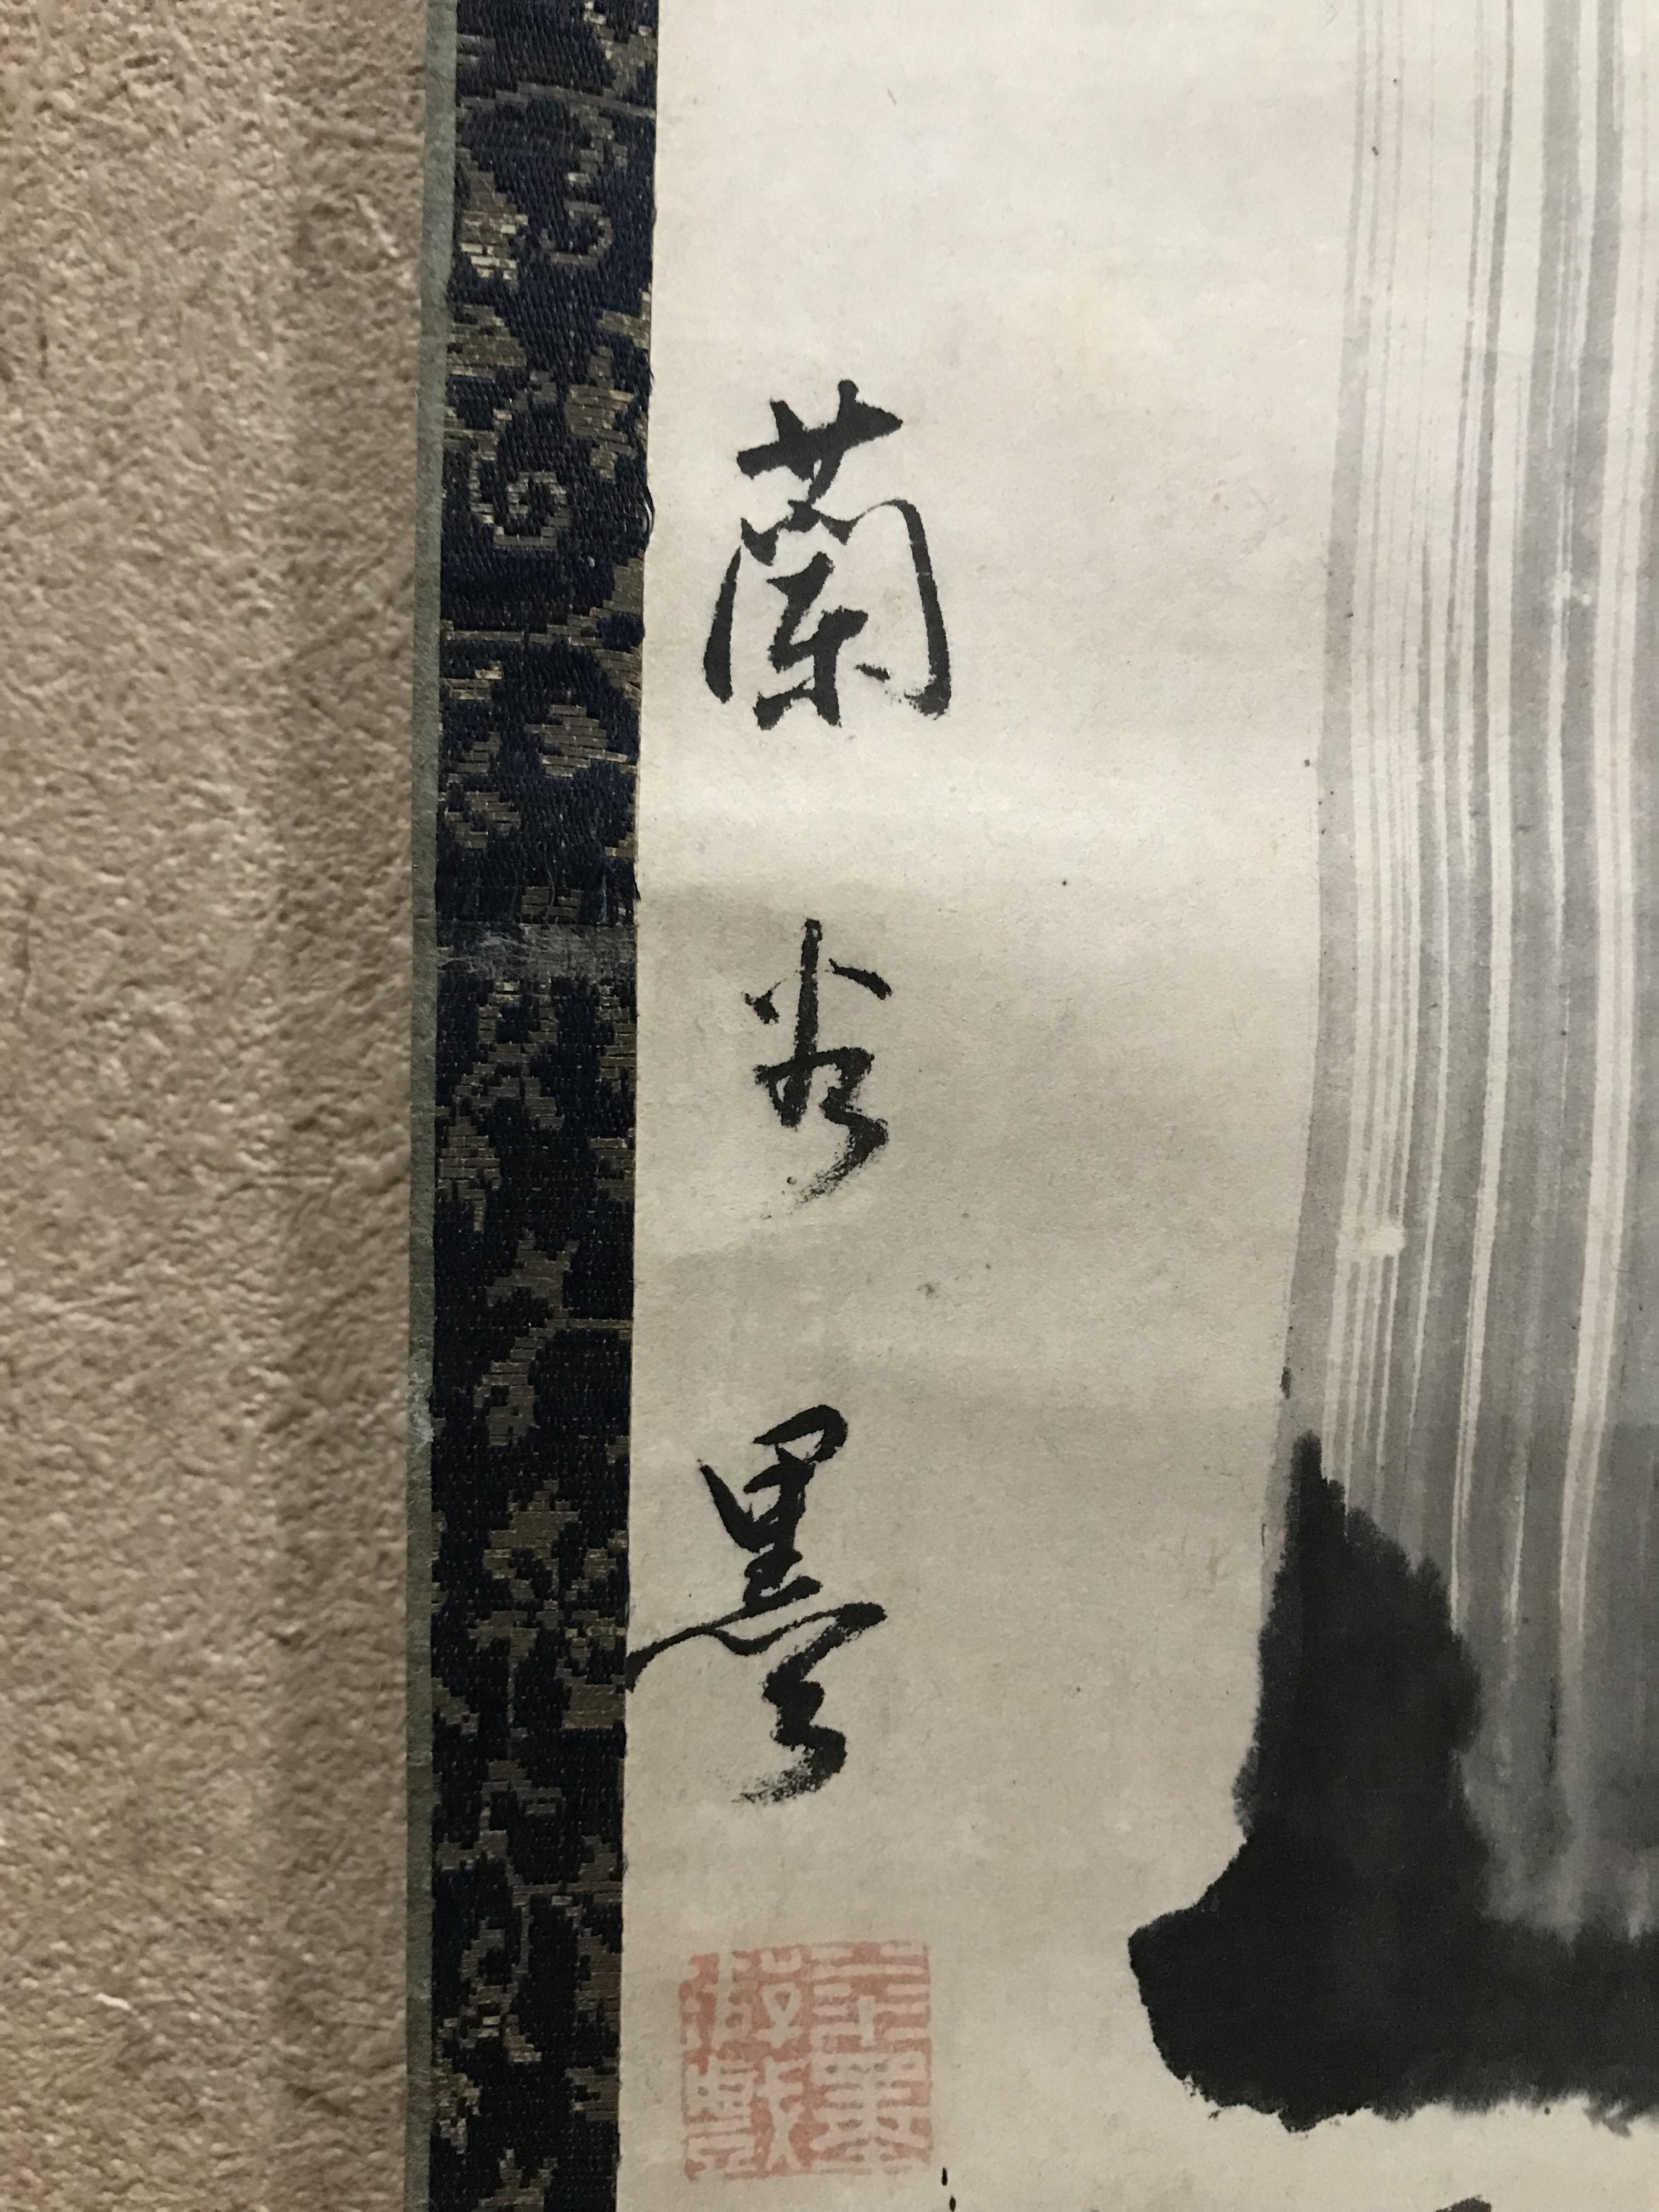 黄檗・蘭谷元定/墨竹図 月潭道澄賛 掛軸